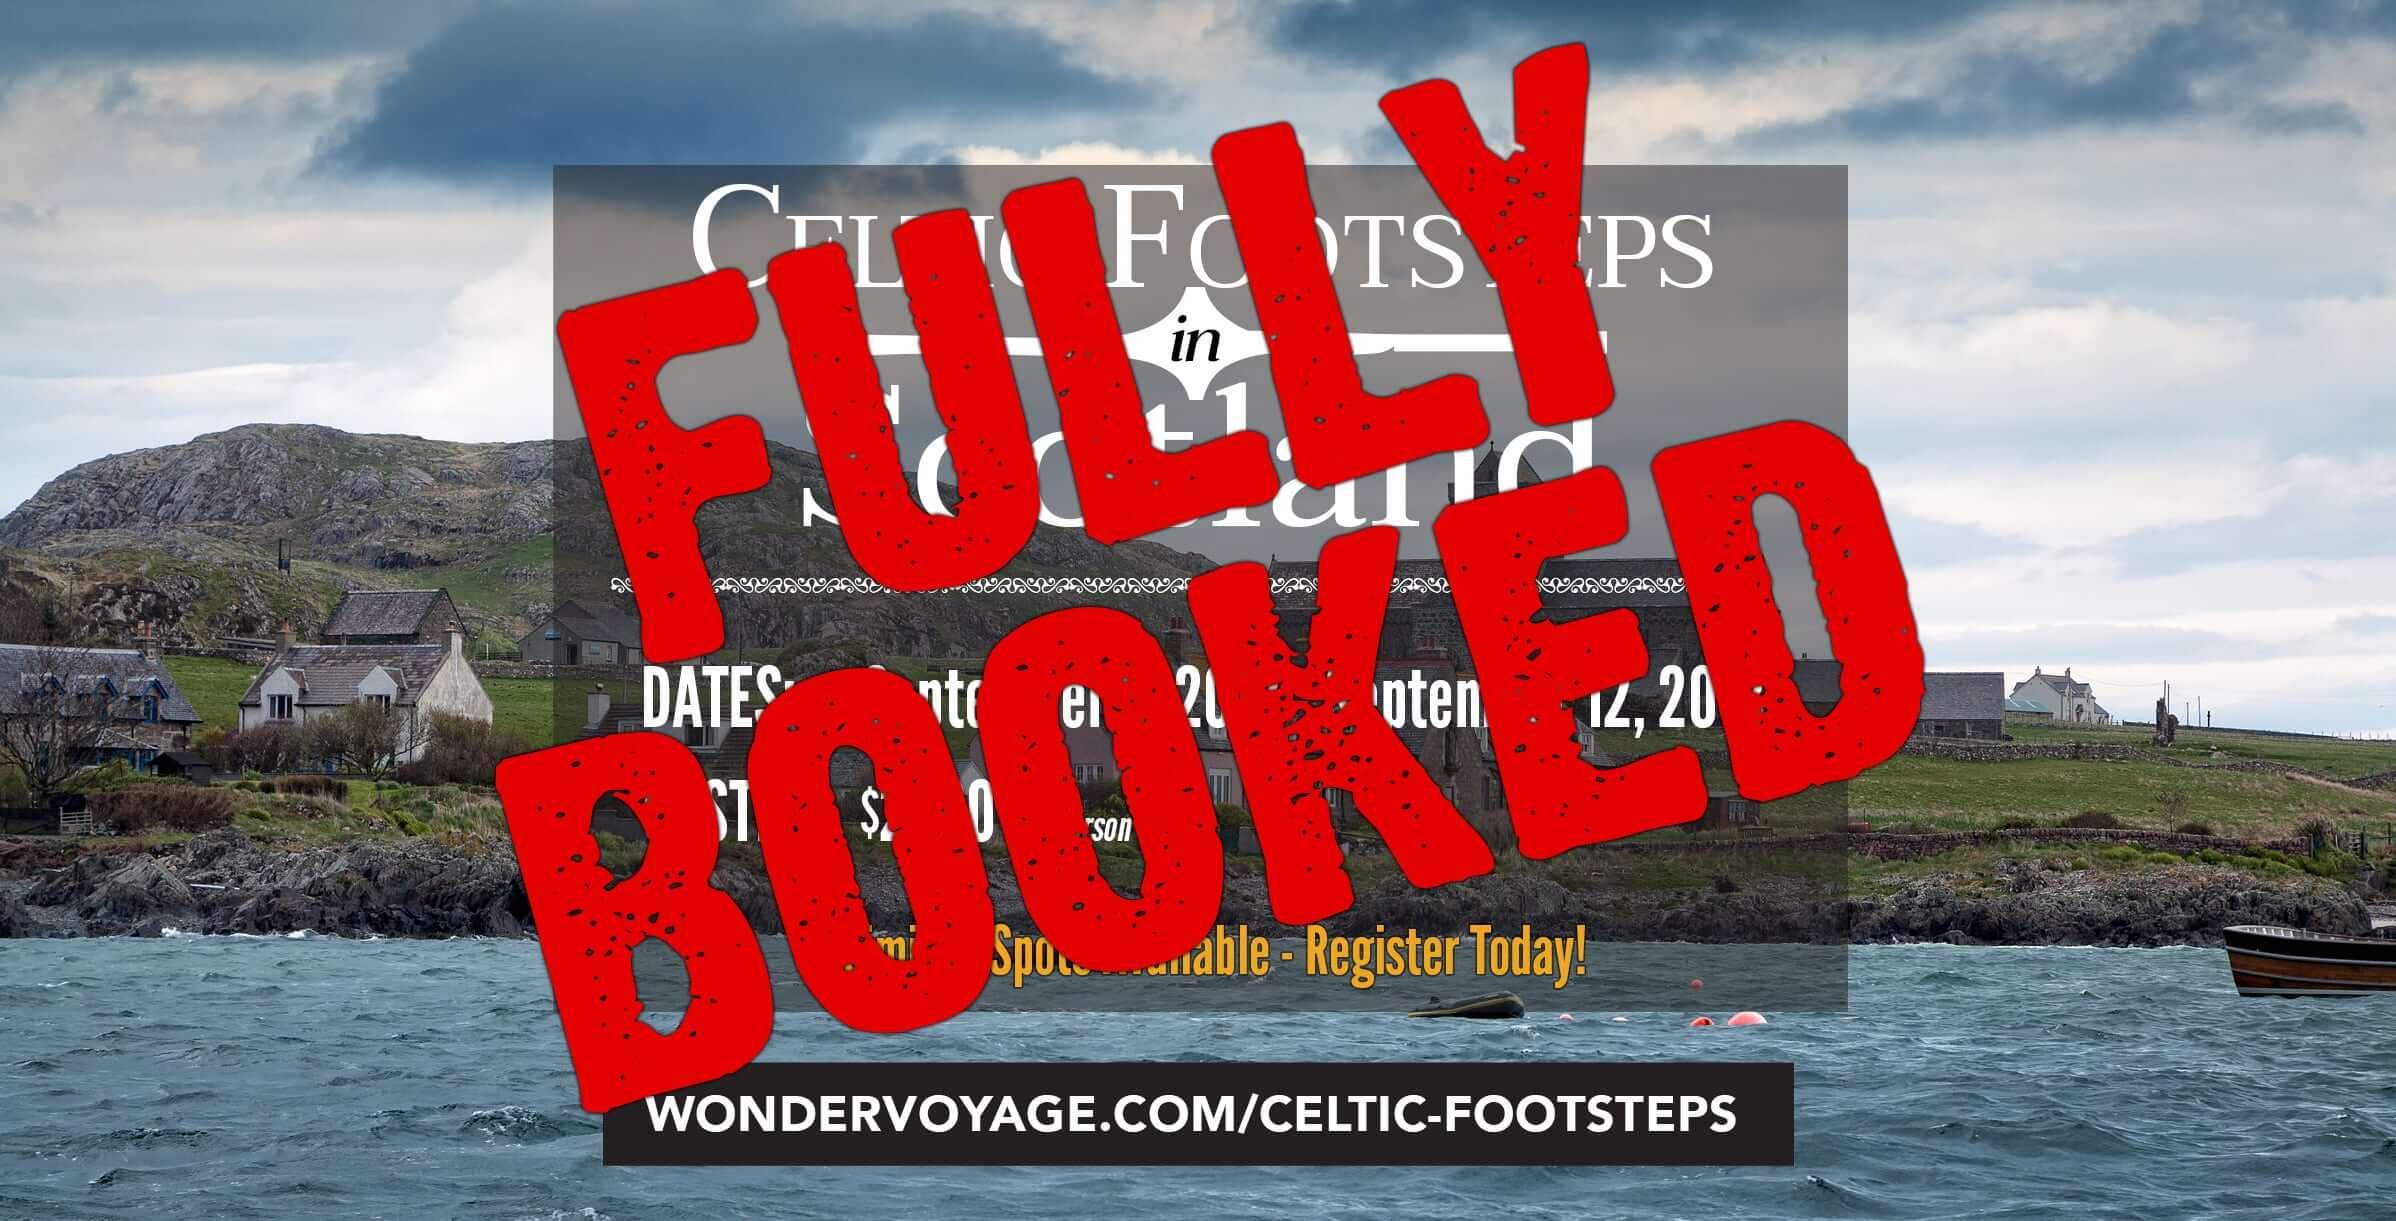 Celtic Footsteps in Scotland